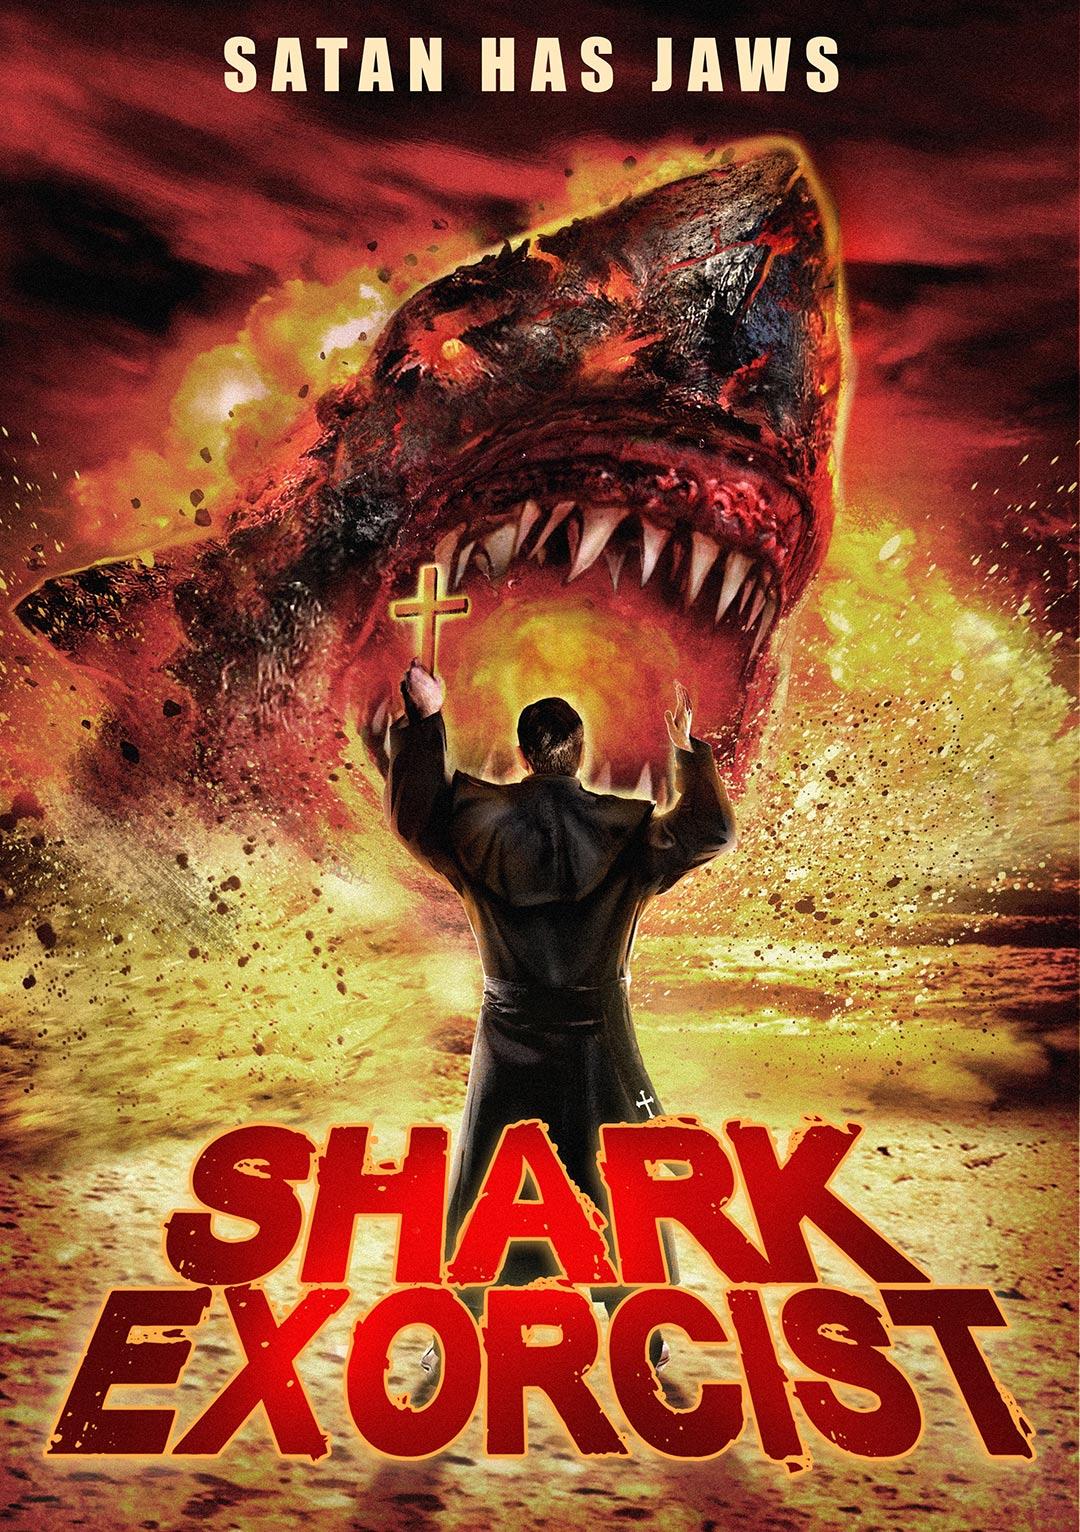 Shark Exorcist Poster #1